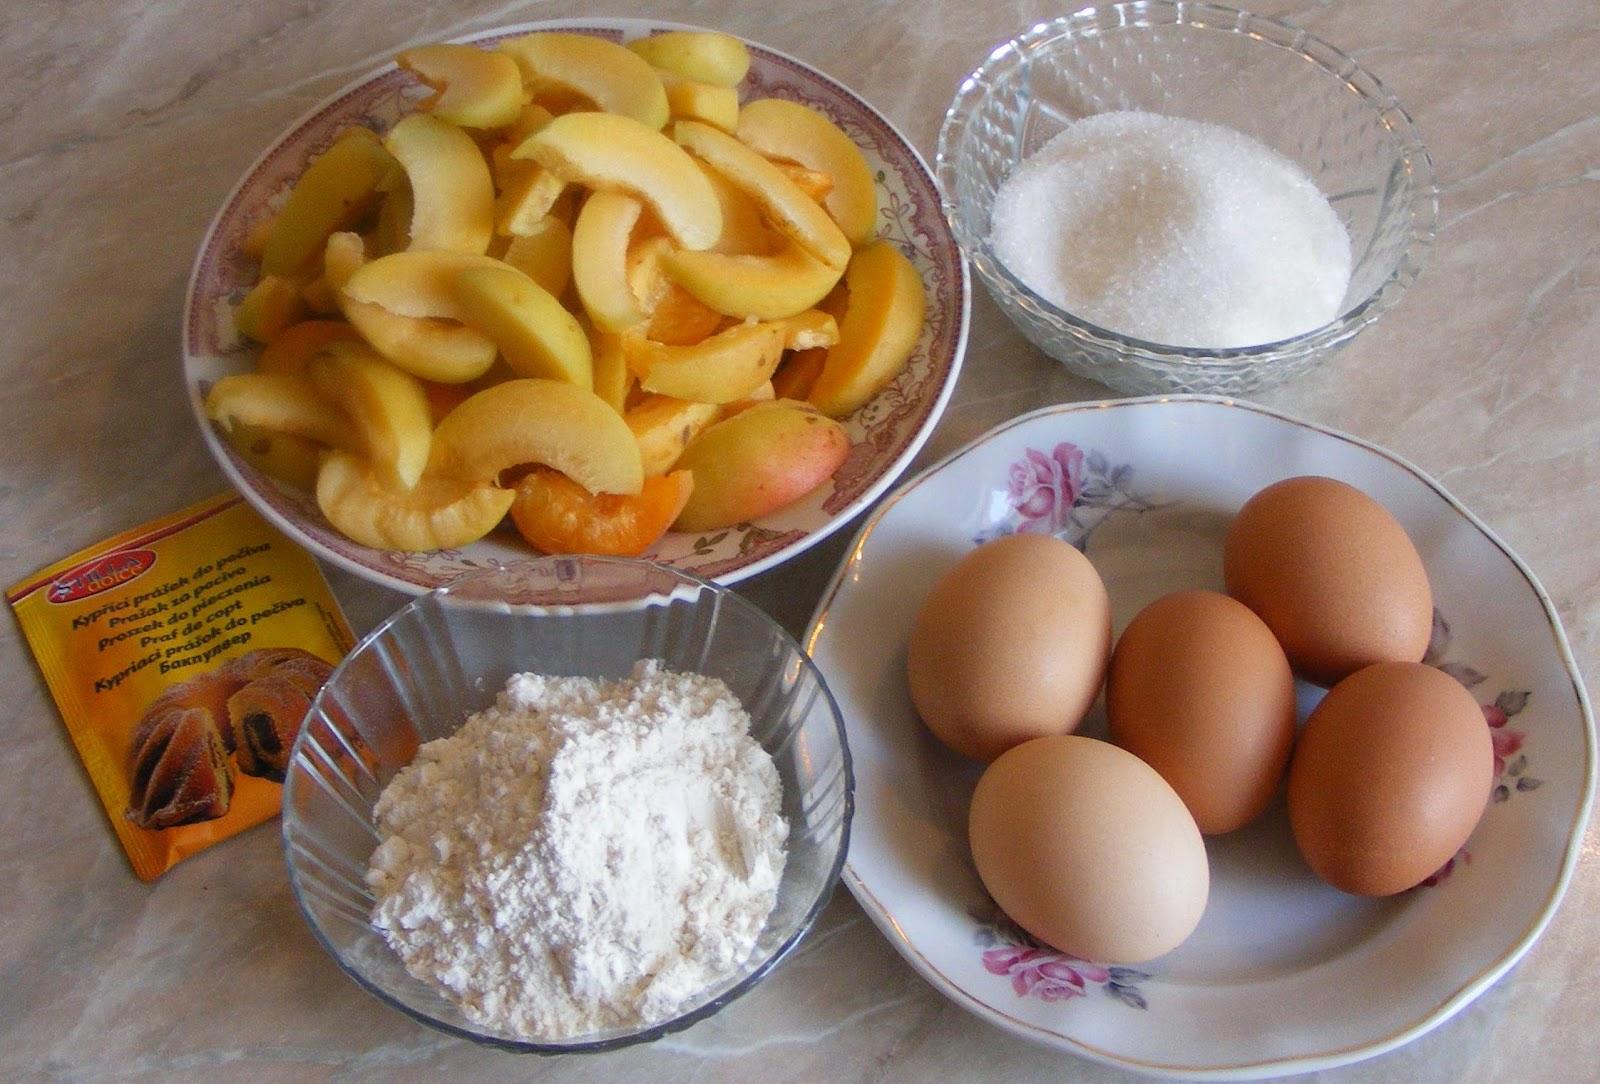 ingrediente pentru tarta cu caise, cum se prepara tarta cu fructe, cum facem tarta cu caise, cum preparam o tarta cu caise de casa,